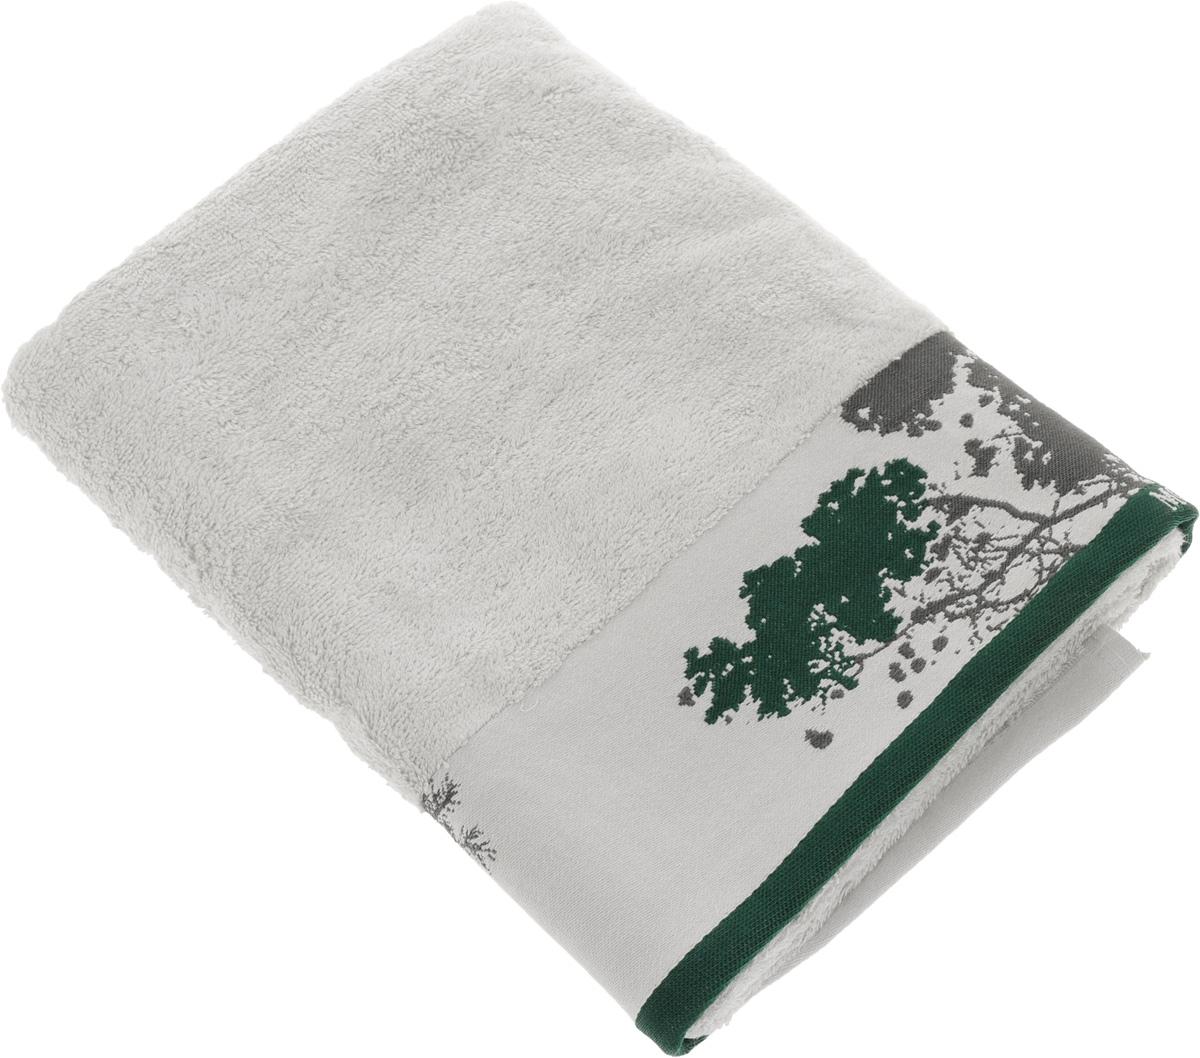 Полотенце Mona Liza Nature, цвет: светло-серый, зеленый, 70 х 140 см12727Мягкое полотенце Nature изготовлено из 30% хлопка и 70% бамбукового волокна. Полотенце Nature с жаккардовым бордюром обладает высокой впитывающей способностью и сочетает в себе элегантную роскошь и практичность. Благодаря высокому качеству изготовления, полотенце будет радовать вас многие годы. Мотивы коллекции Mona Liza Premium bu Serg Look навеяны итальянскими фресками эпохи Ренессанса, периода удивительной гармонии в искусстве. В представленной коллекции для нанесения на ткань рисунка применяется многоцветная печать, метод реактивного крашения, который позволяет создать уникальную цветовую гамму, напоминающую старинные фрески. Этот метод также обеспечивает высокую устойчивость краски при стирке.